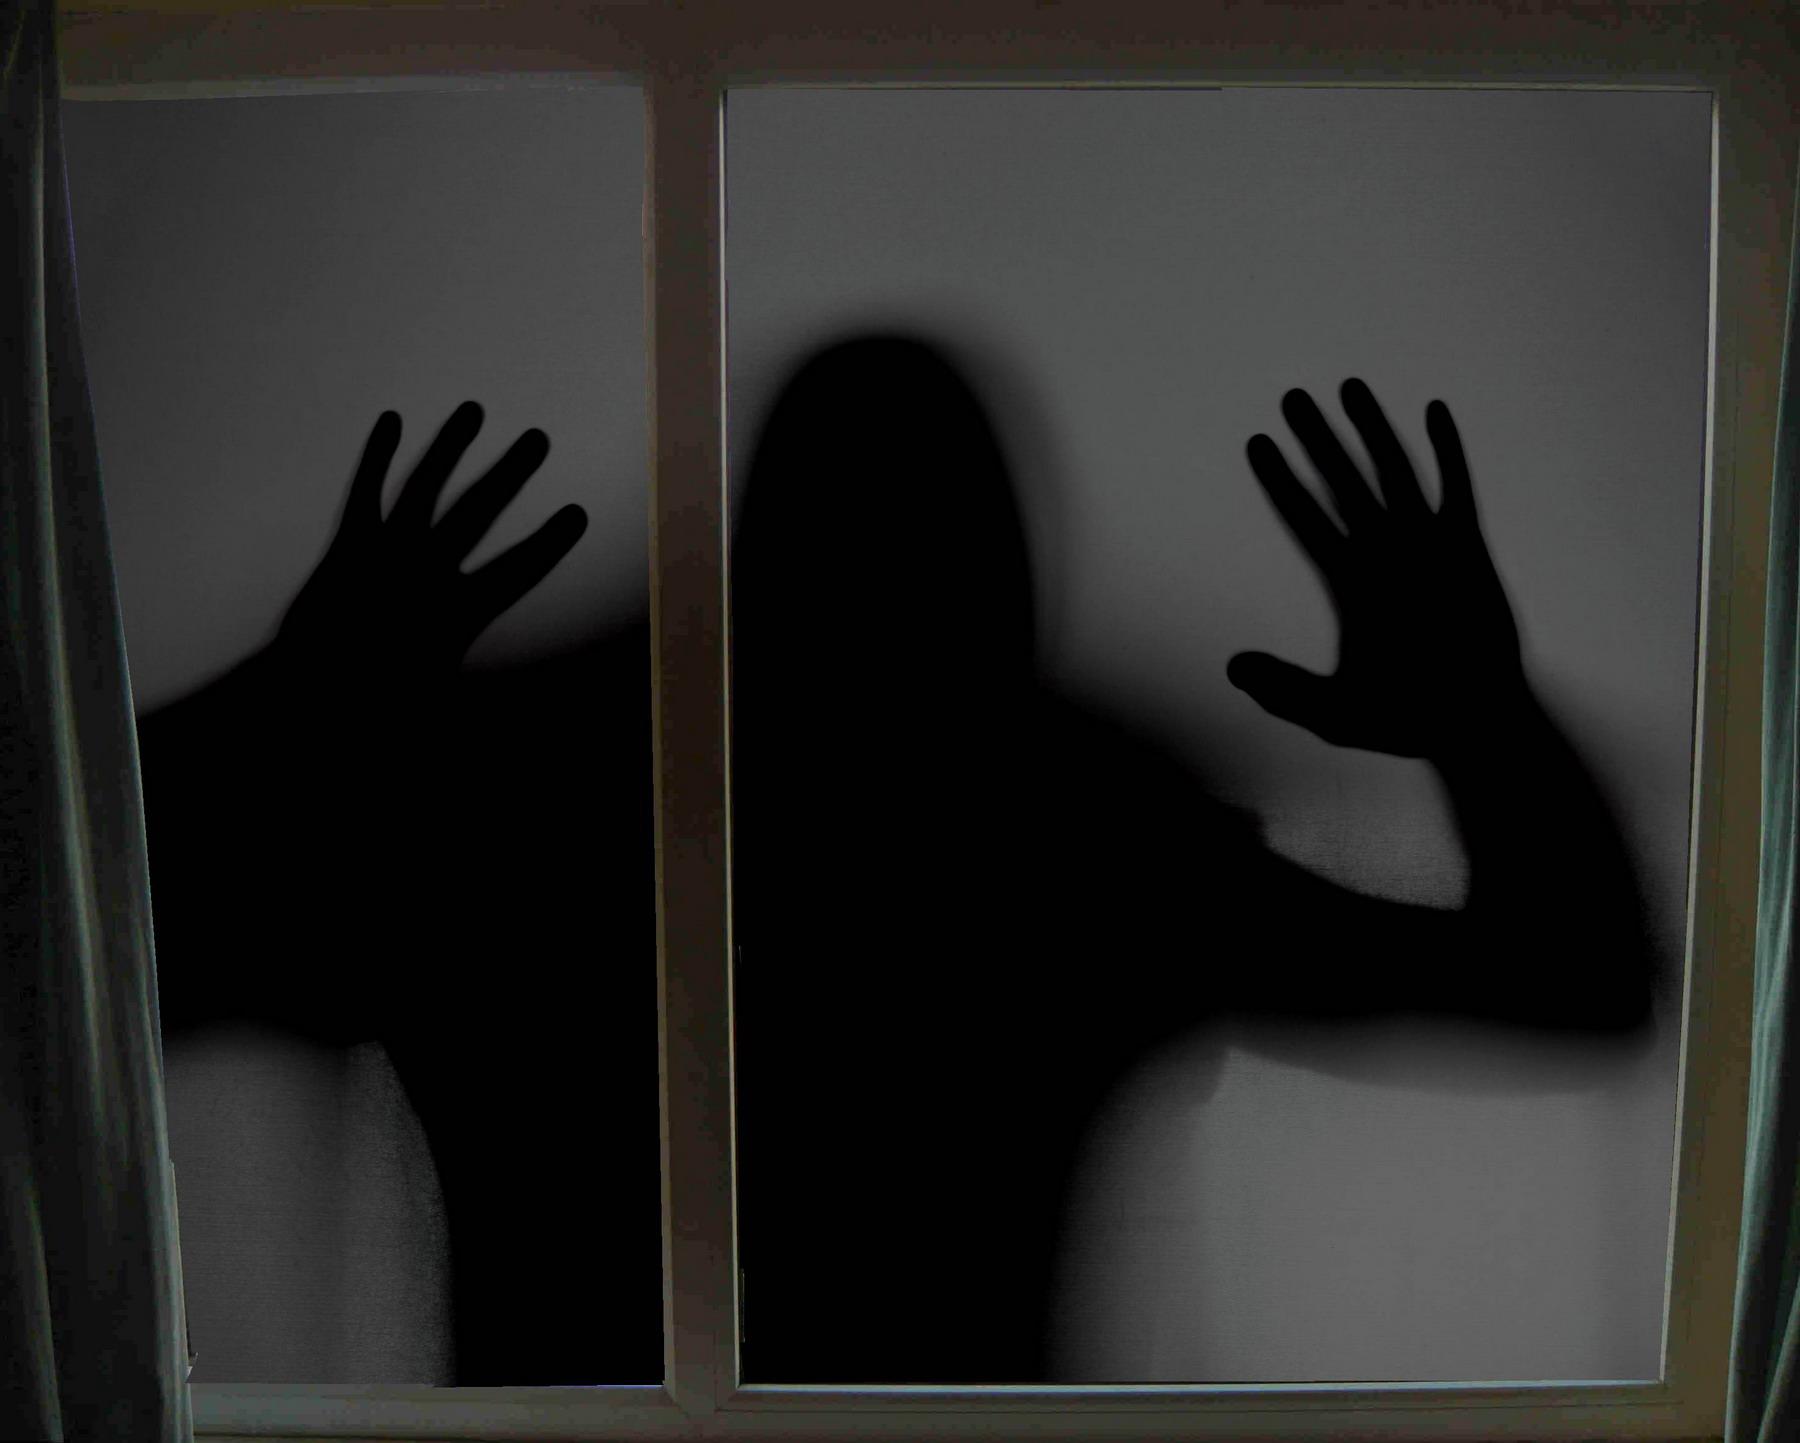 жуткий чёрный человек. синдром ночного демона